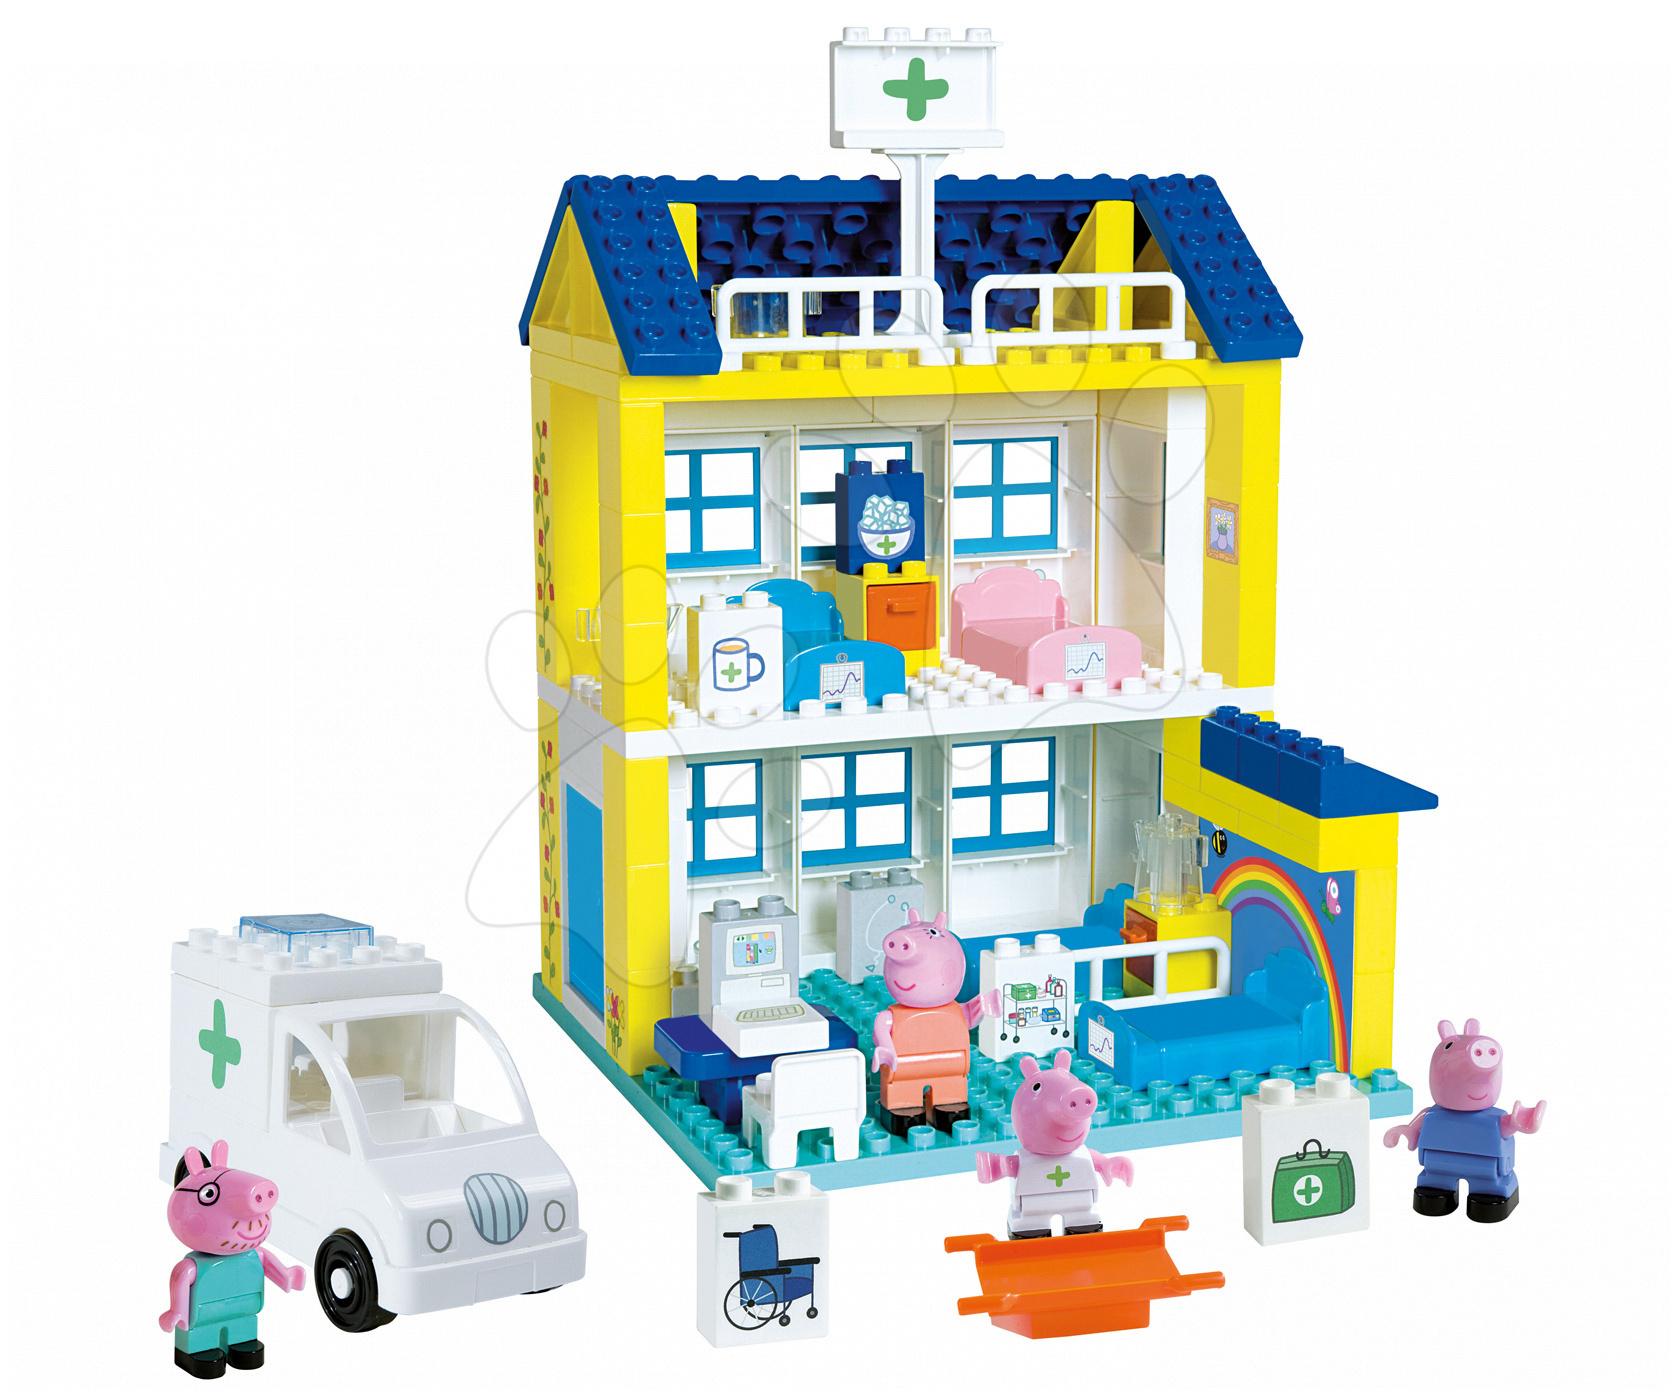 Stavebnice BIG-Bloxx ako lego - Stavebnica Peppa Pig v nemocnici PlayBIG Bloxx BIG so 4 figúrkami 112 dielov od 1,5-5 rokov